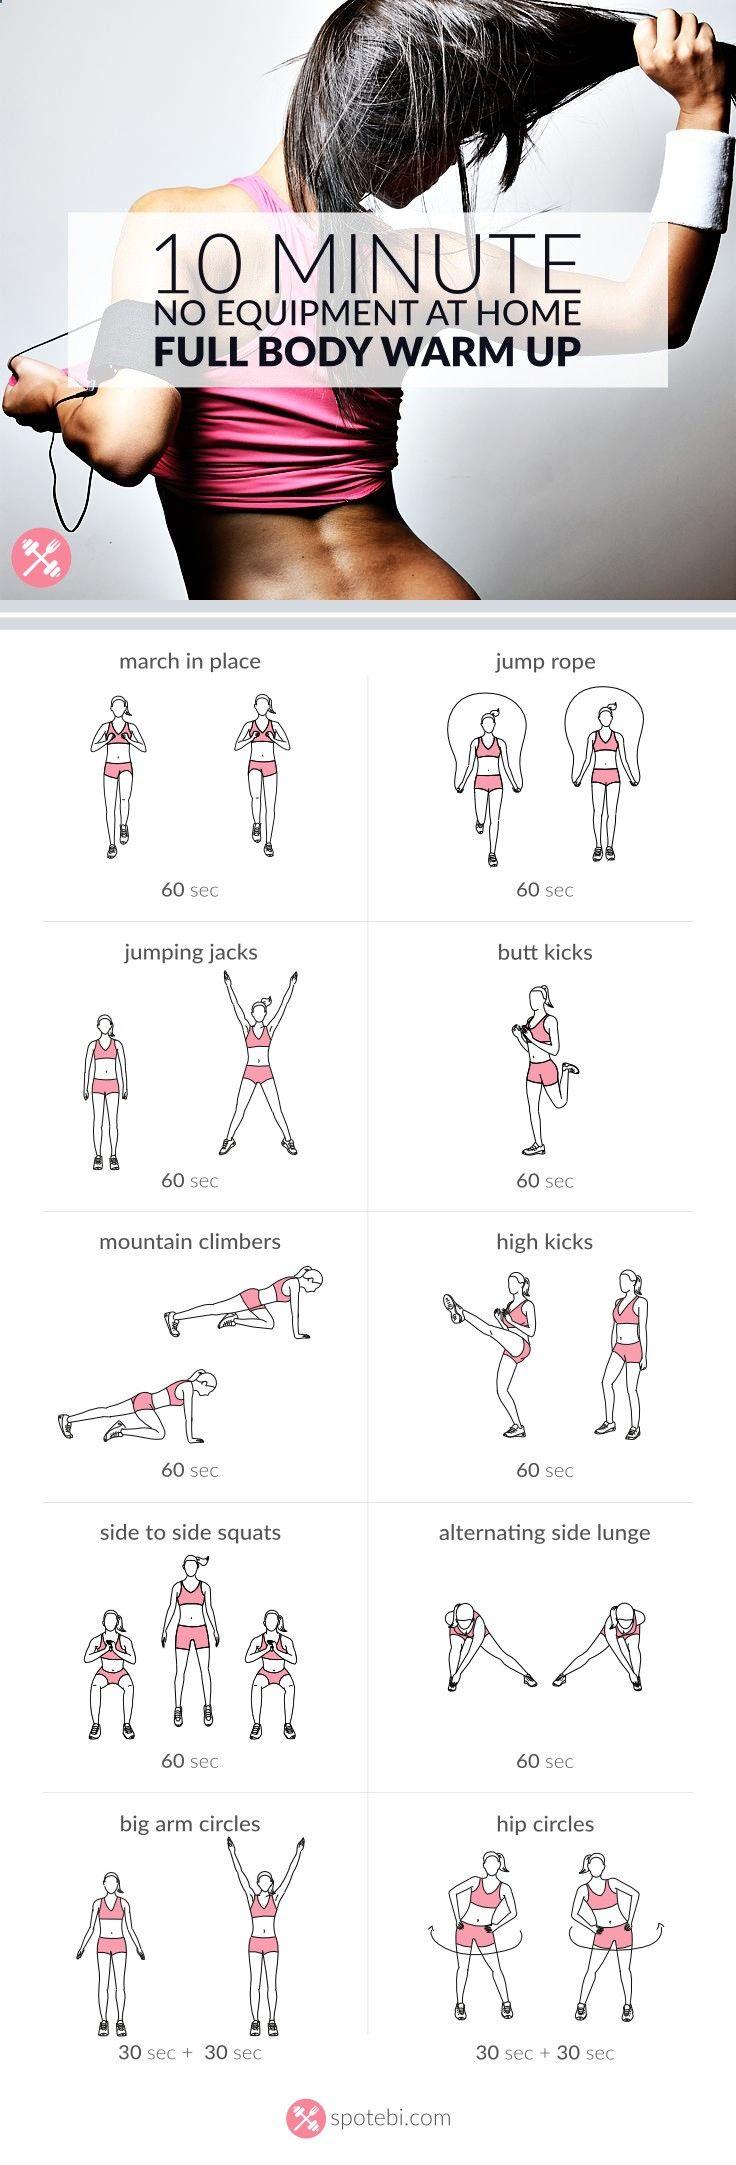 Remplissez ces 10 minutes d'échauffement de routine pour préparer votre corps tout entier pour une séance d'entraînement. Réchauffez vos muscles et articulations, augmenter votre rythme cardiaque et de brûler la graisse du corps avec ces exercices d'aérobie. www.spotebi.com/...